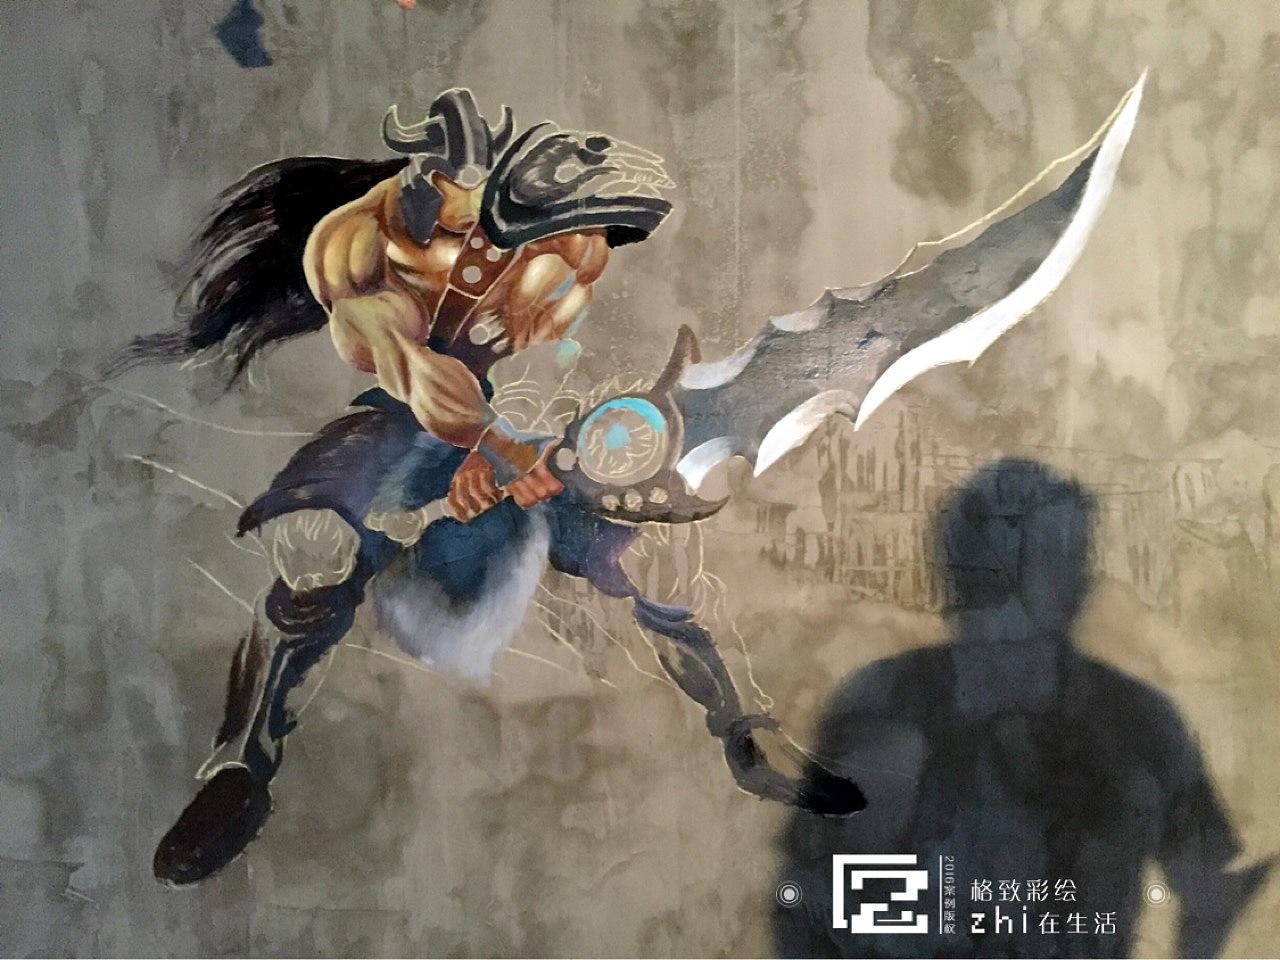 网吧墙绘,英雄联盟人物,3d壁画.